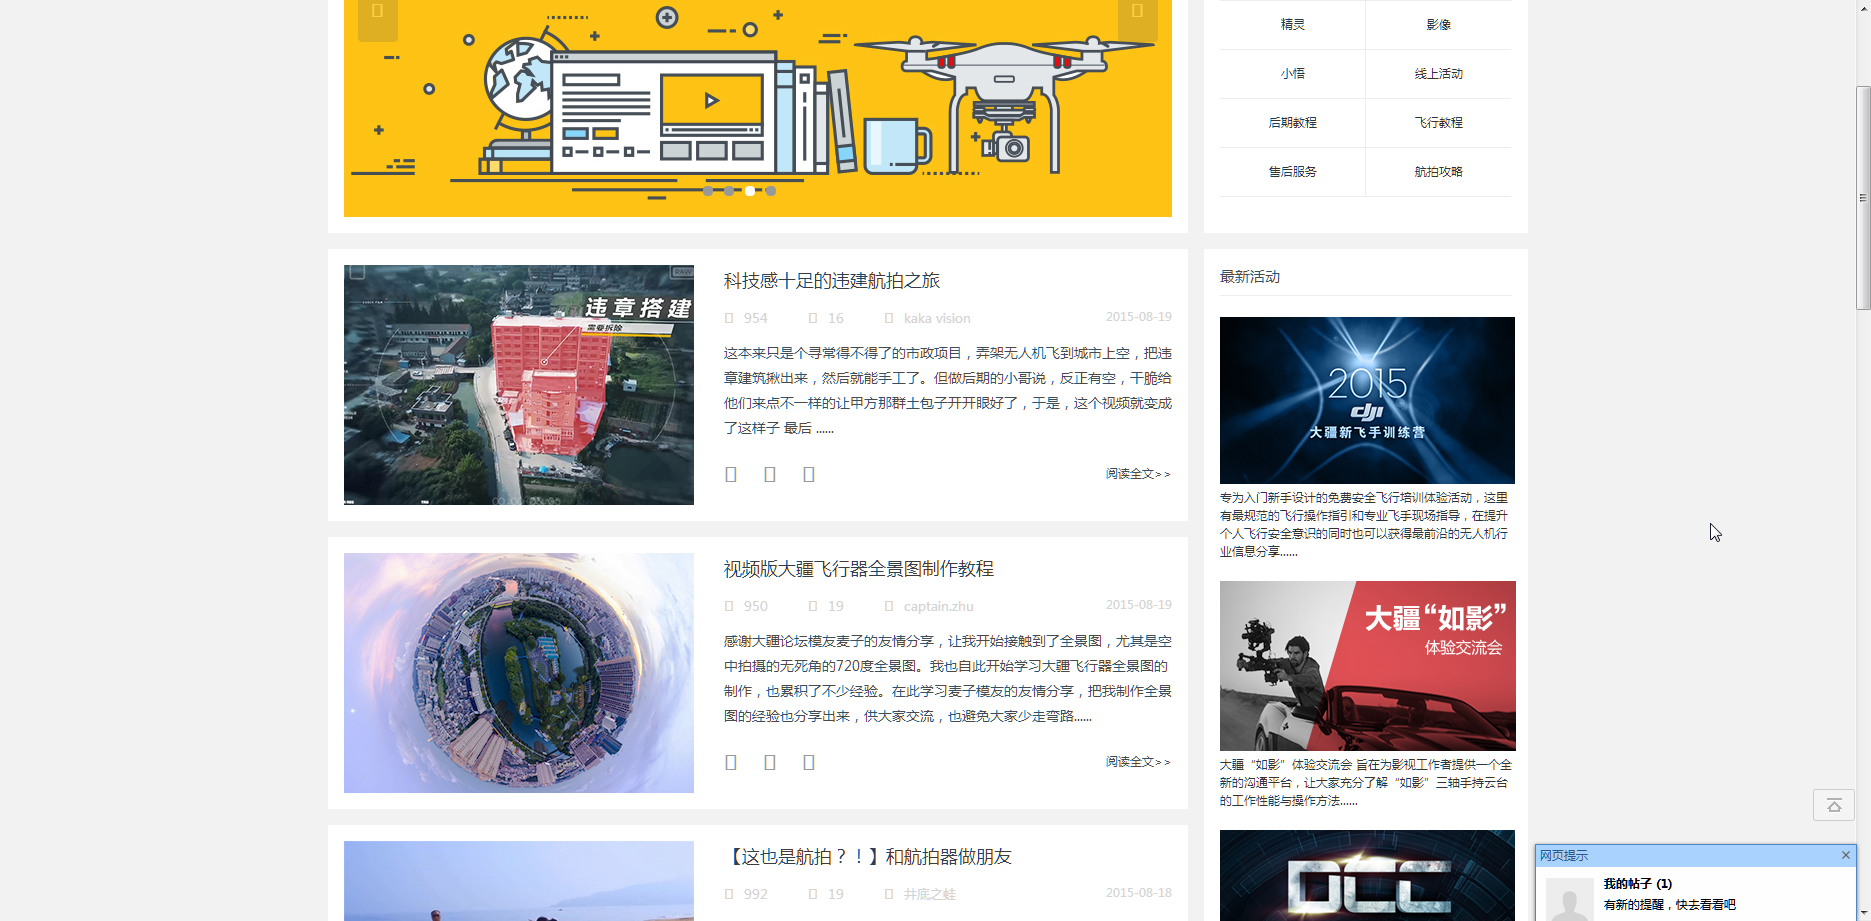 20150819 【航拍攻略】大疆飞行器全景图制作教程.png